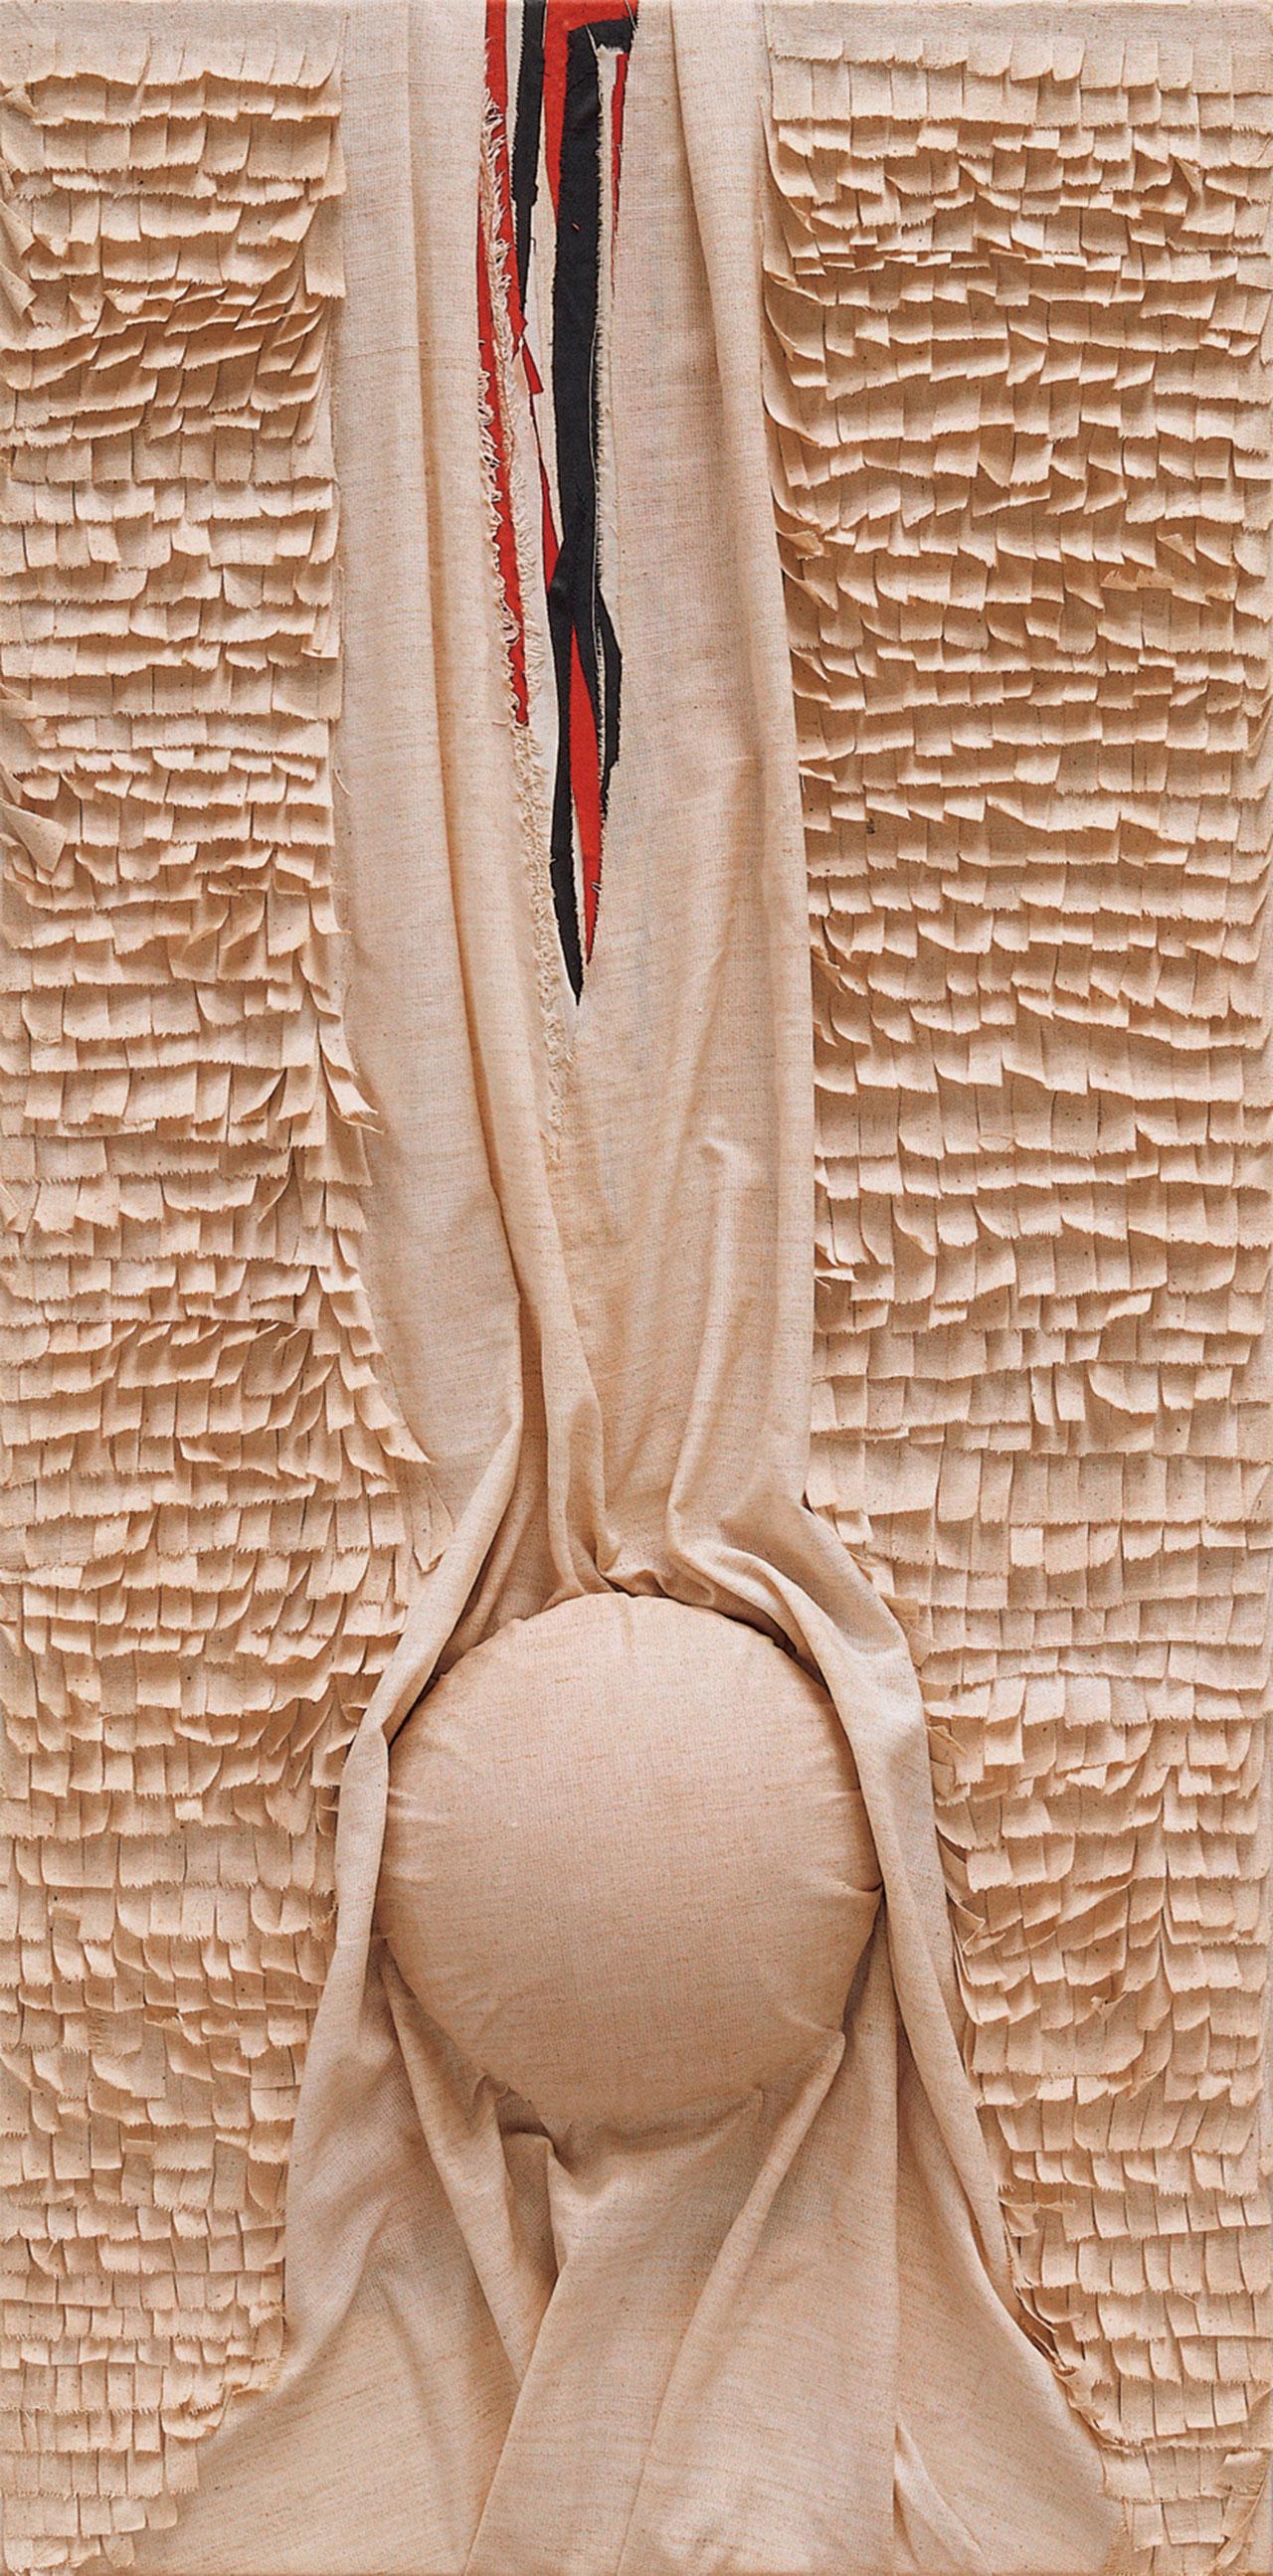 Eminence Cotton, linen, resine 55.5x133cm